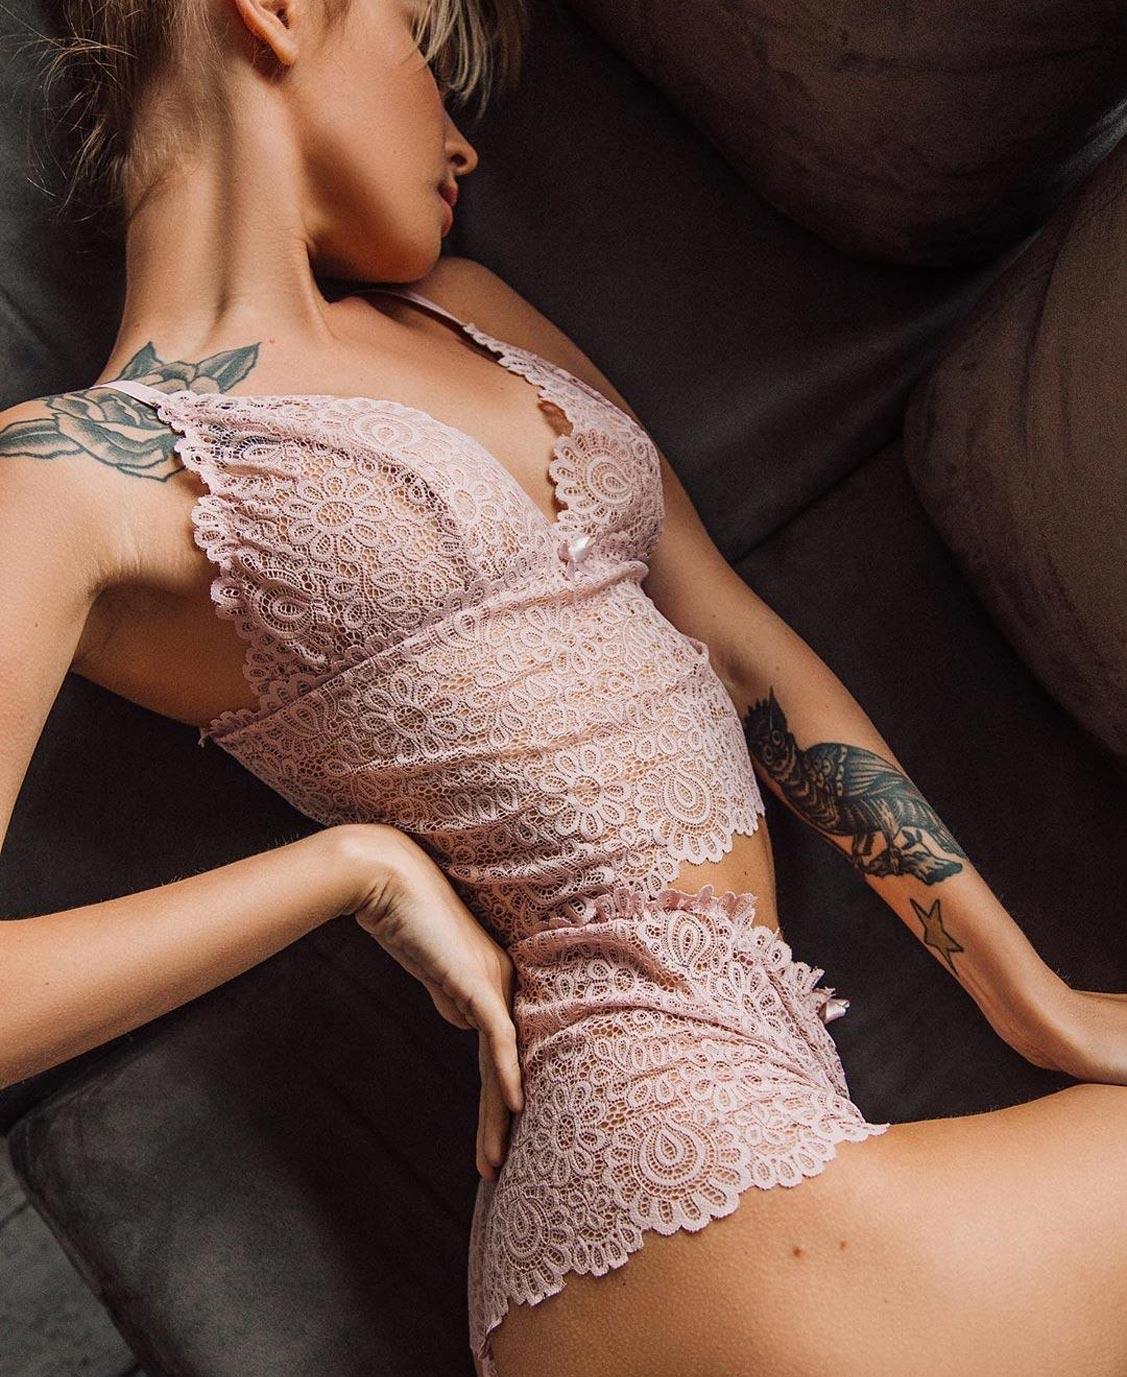 Анастасия Щеглова в нижнем белье торговой марки MissX / фото 32